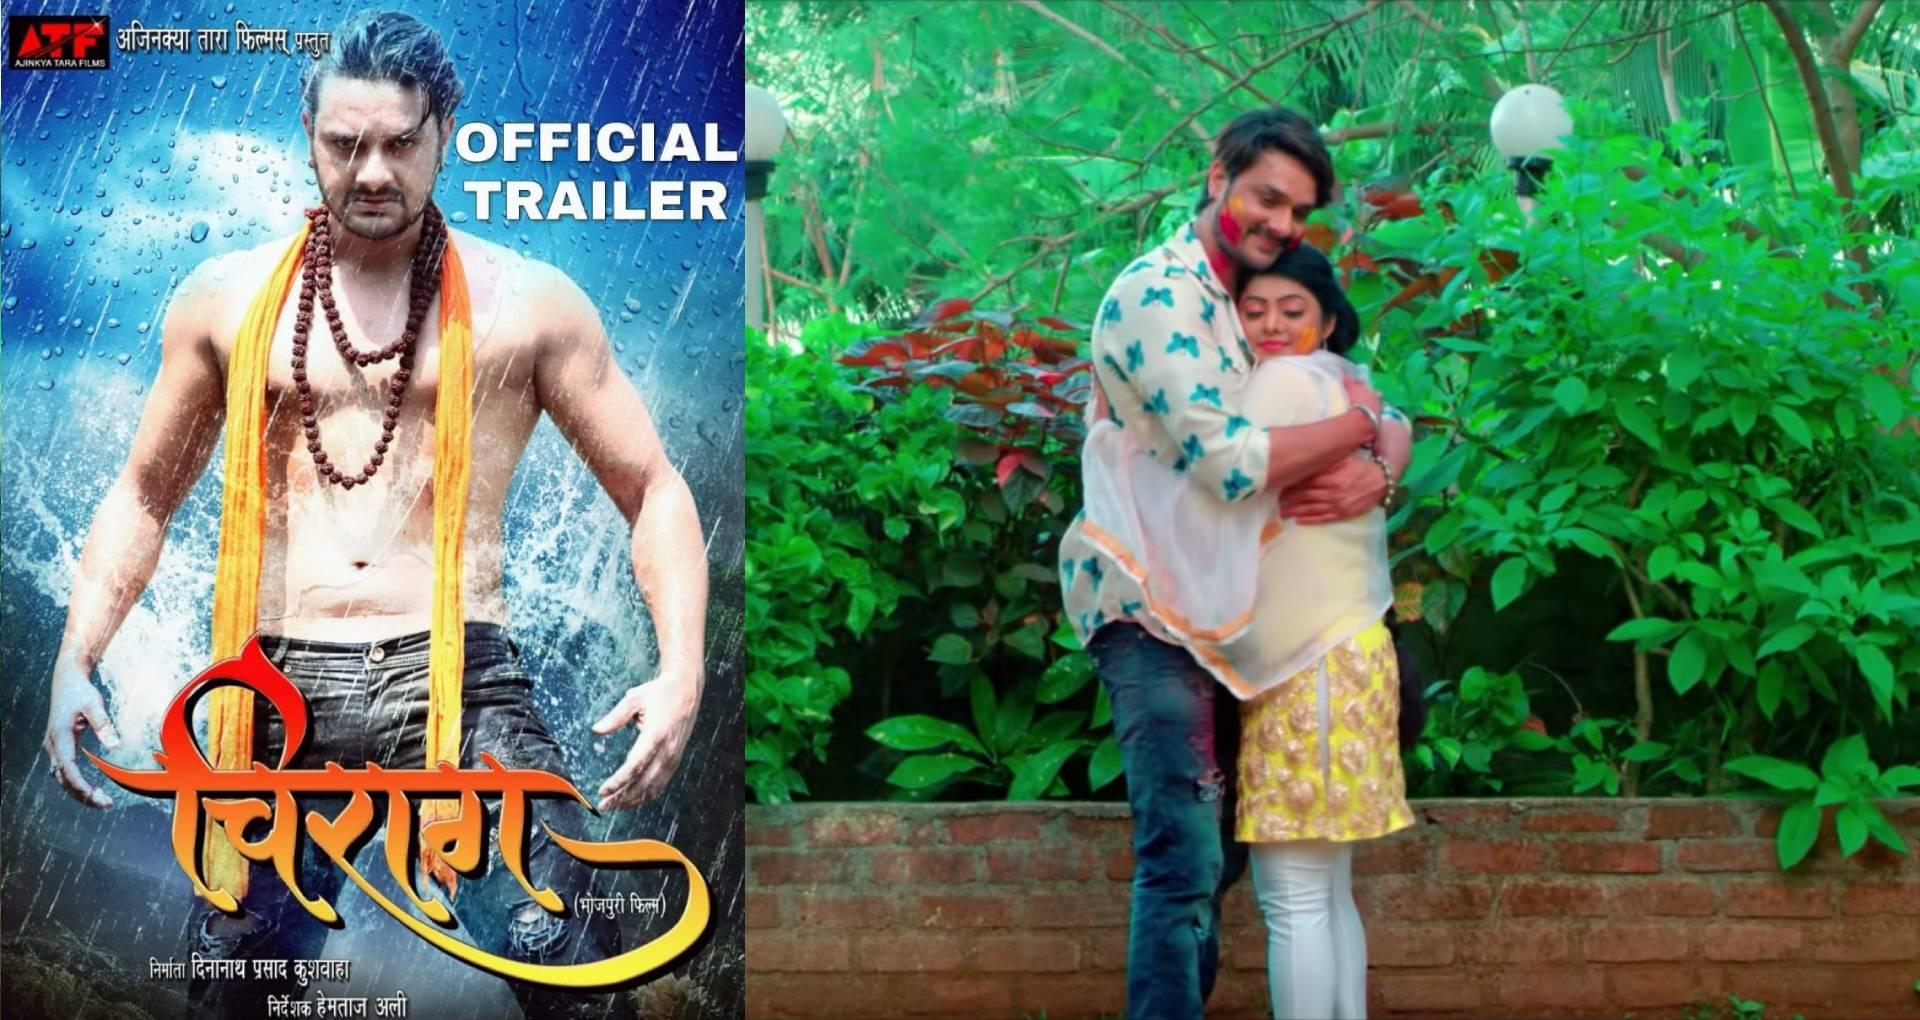 भोजपुरी फिल्म चिराग का ट्रेलर रिलीज, लव-जिहाद और धर्म की राजनीति से लड़ते दिखे गौरव झा और काजल यादव